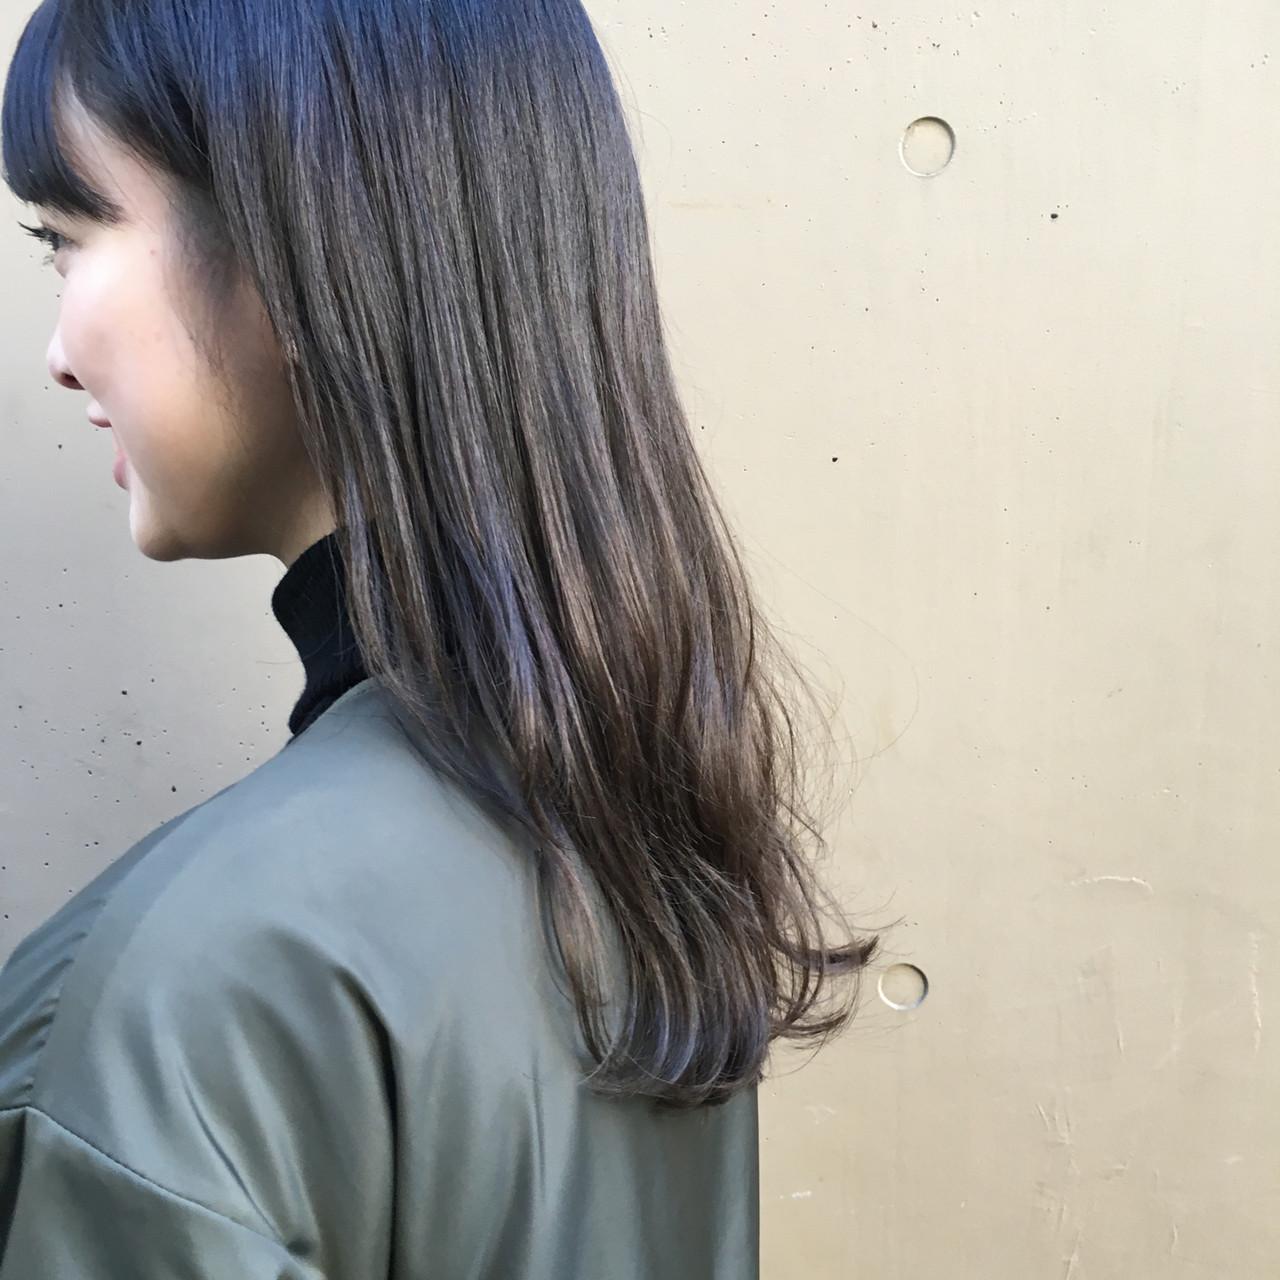 暗髪 おしゃれ 外国人風カラー くすみカラー ヘアスタイルや髪型の写真・画像